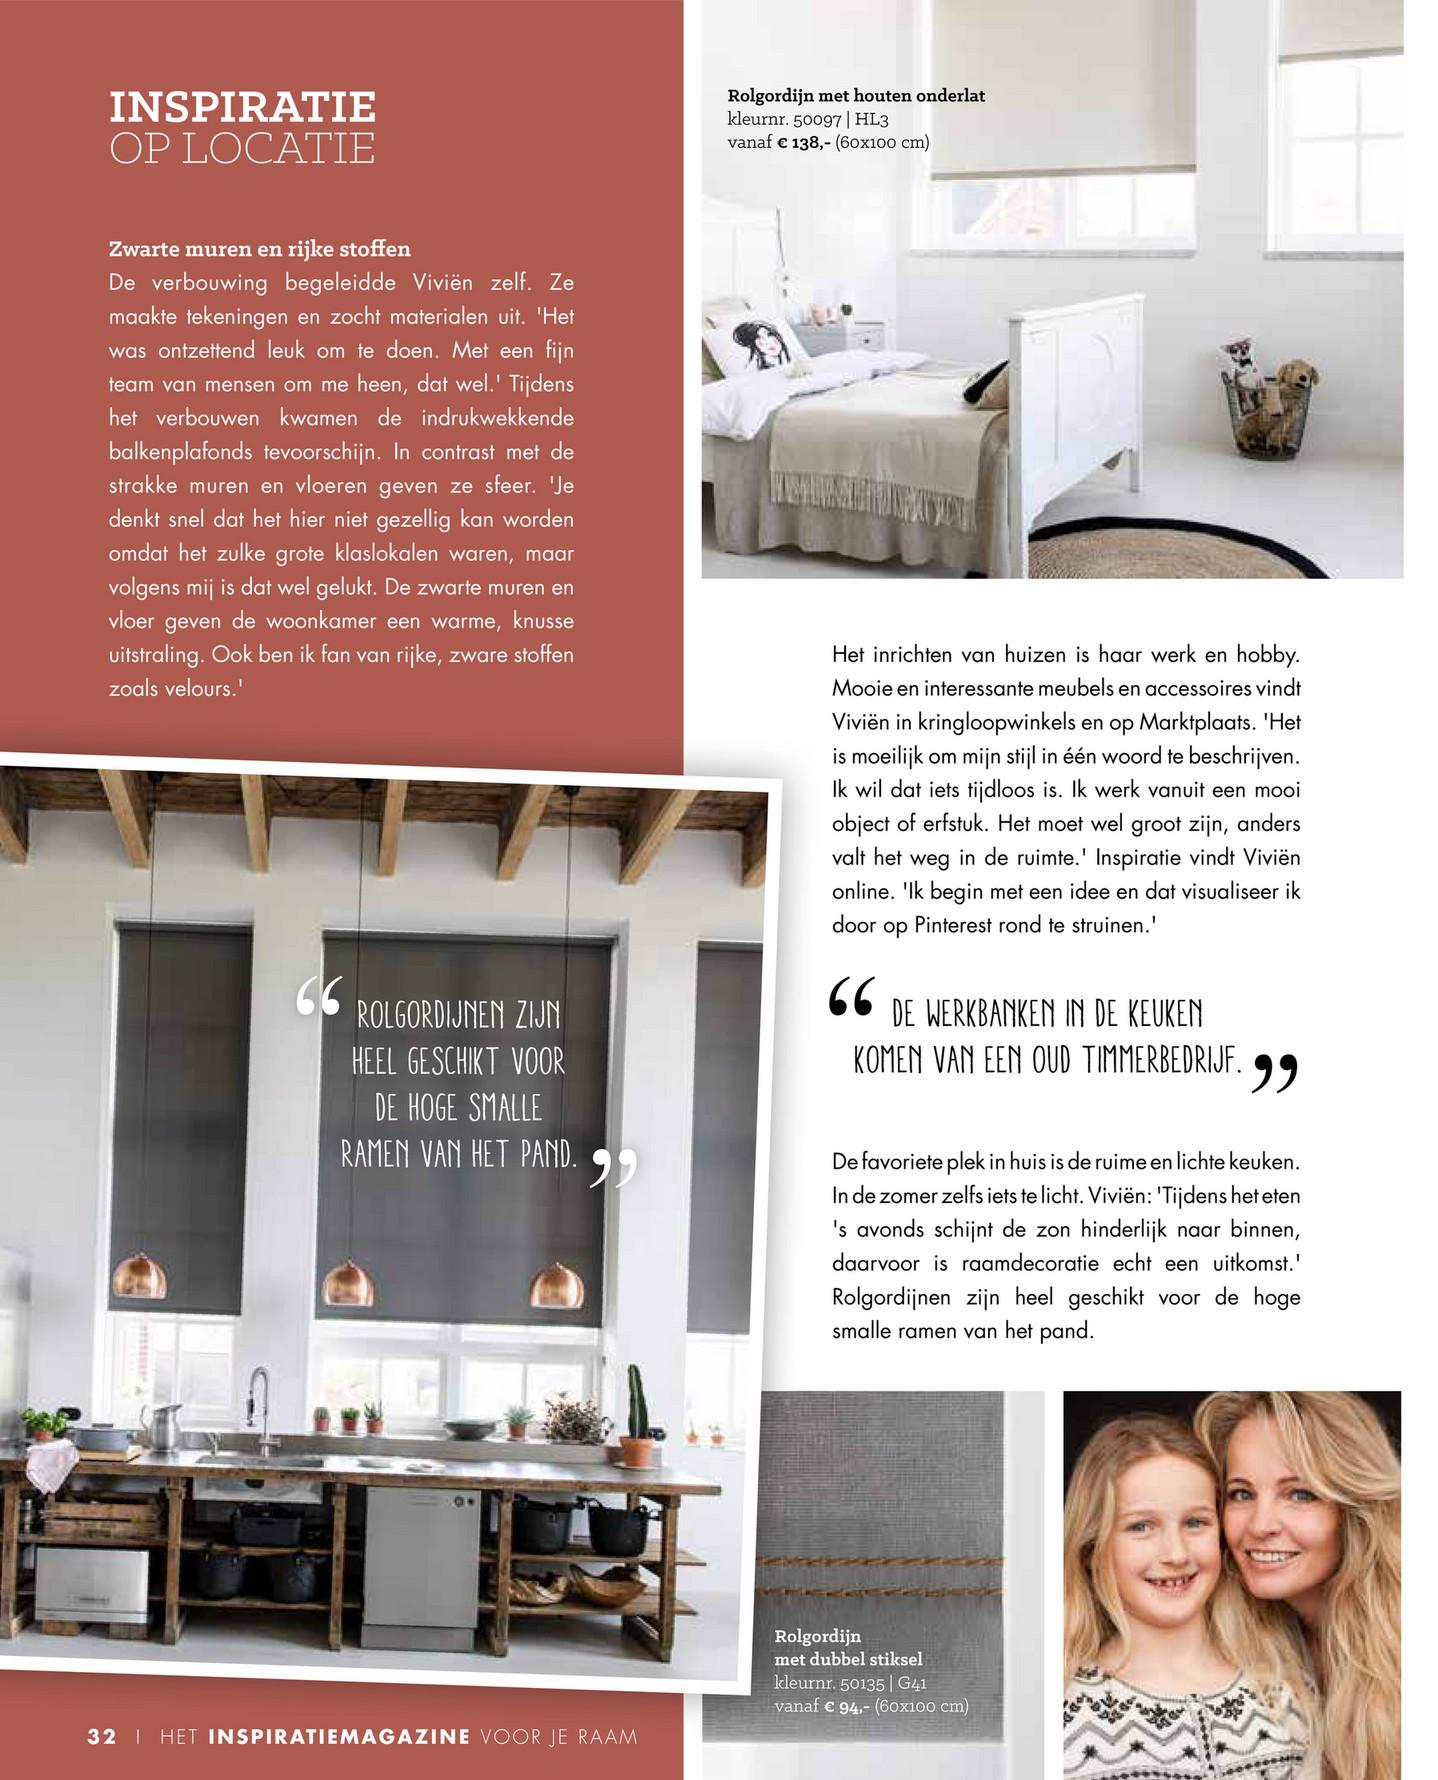 Bc   inspiratie voor je raam   bece®   editie 2016/2017   pagina 32 33